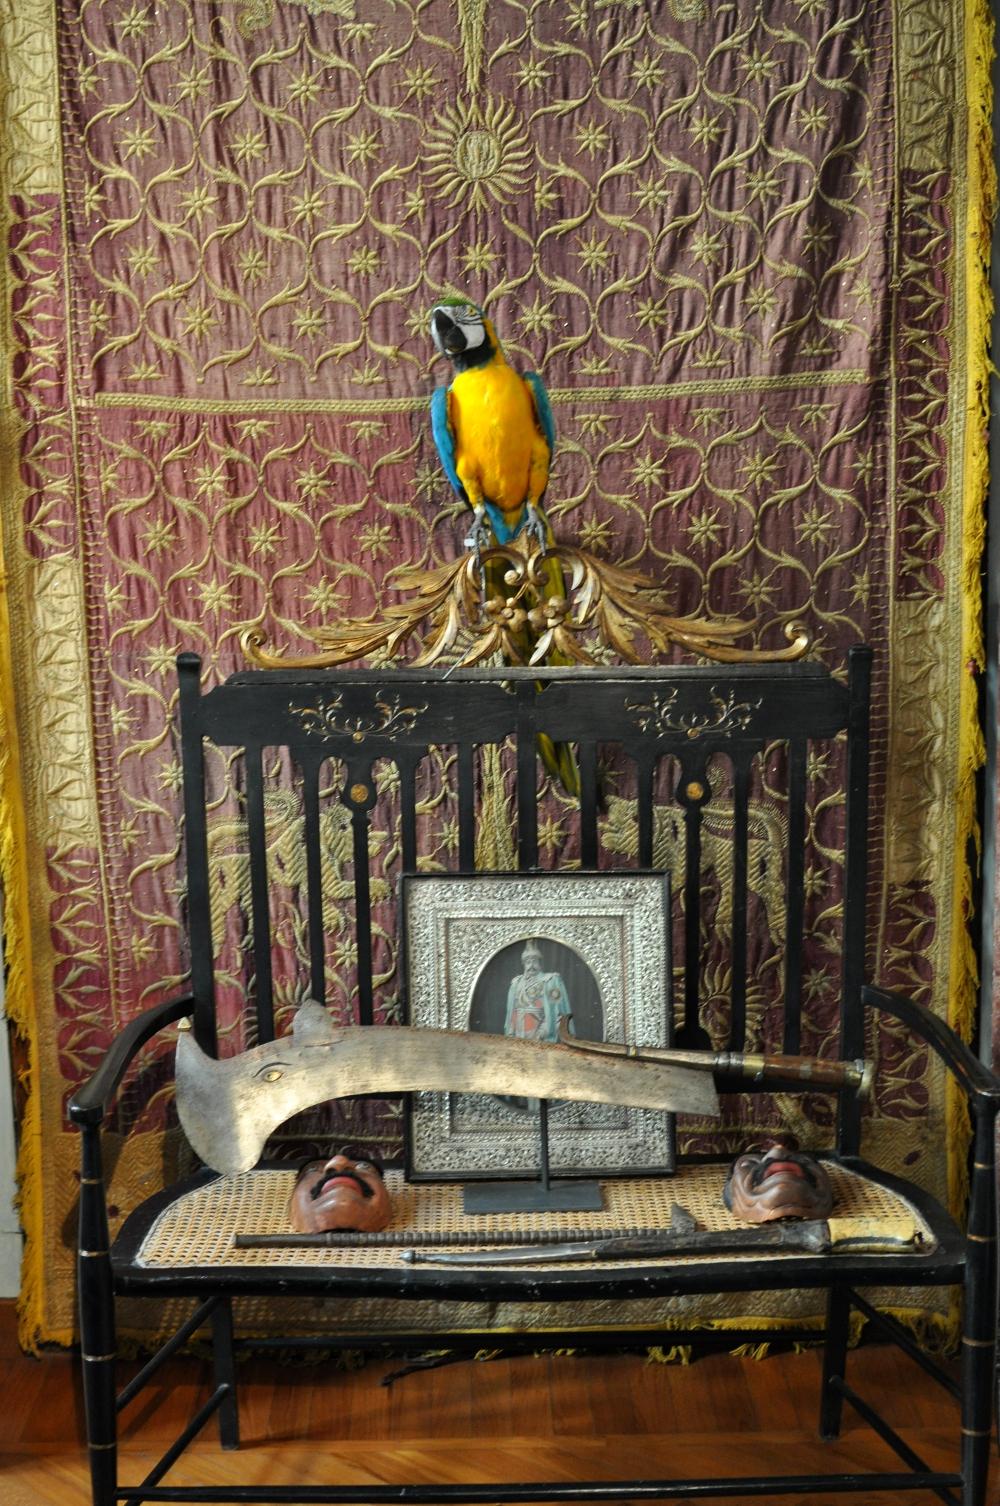 rocaille-blog-ethnologica-galleria-wunderkammer-andrea-filippi-forlì (21)